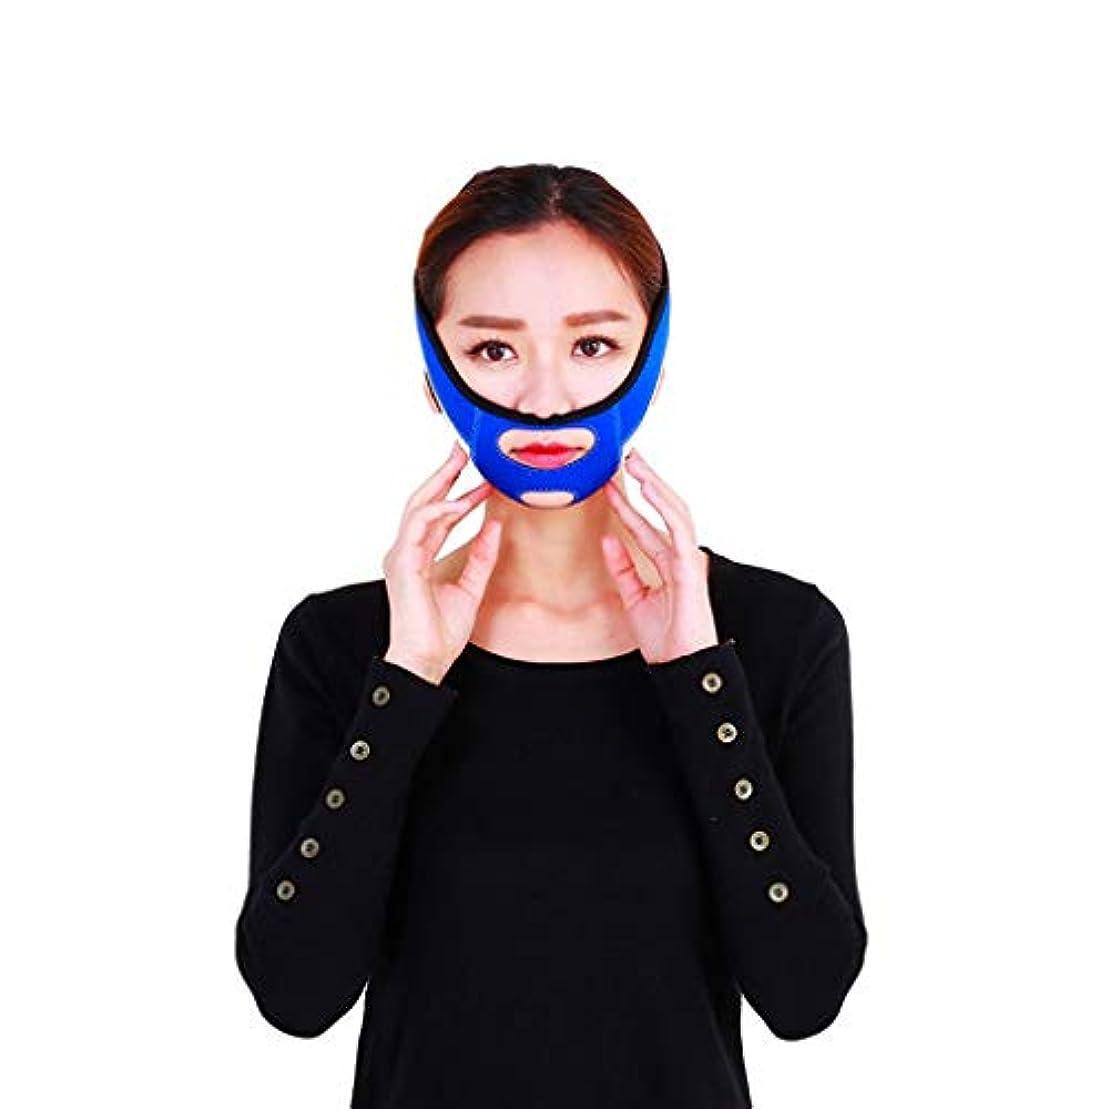 詩人ビルダー一次滑り止め弾性ストレッチ包帯を強化するために口を調整する顔の顔のマスク